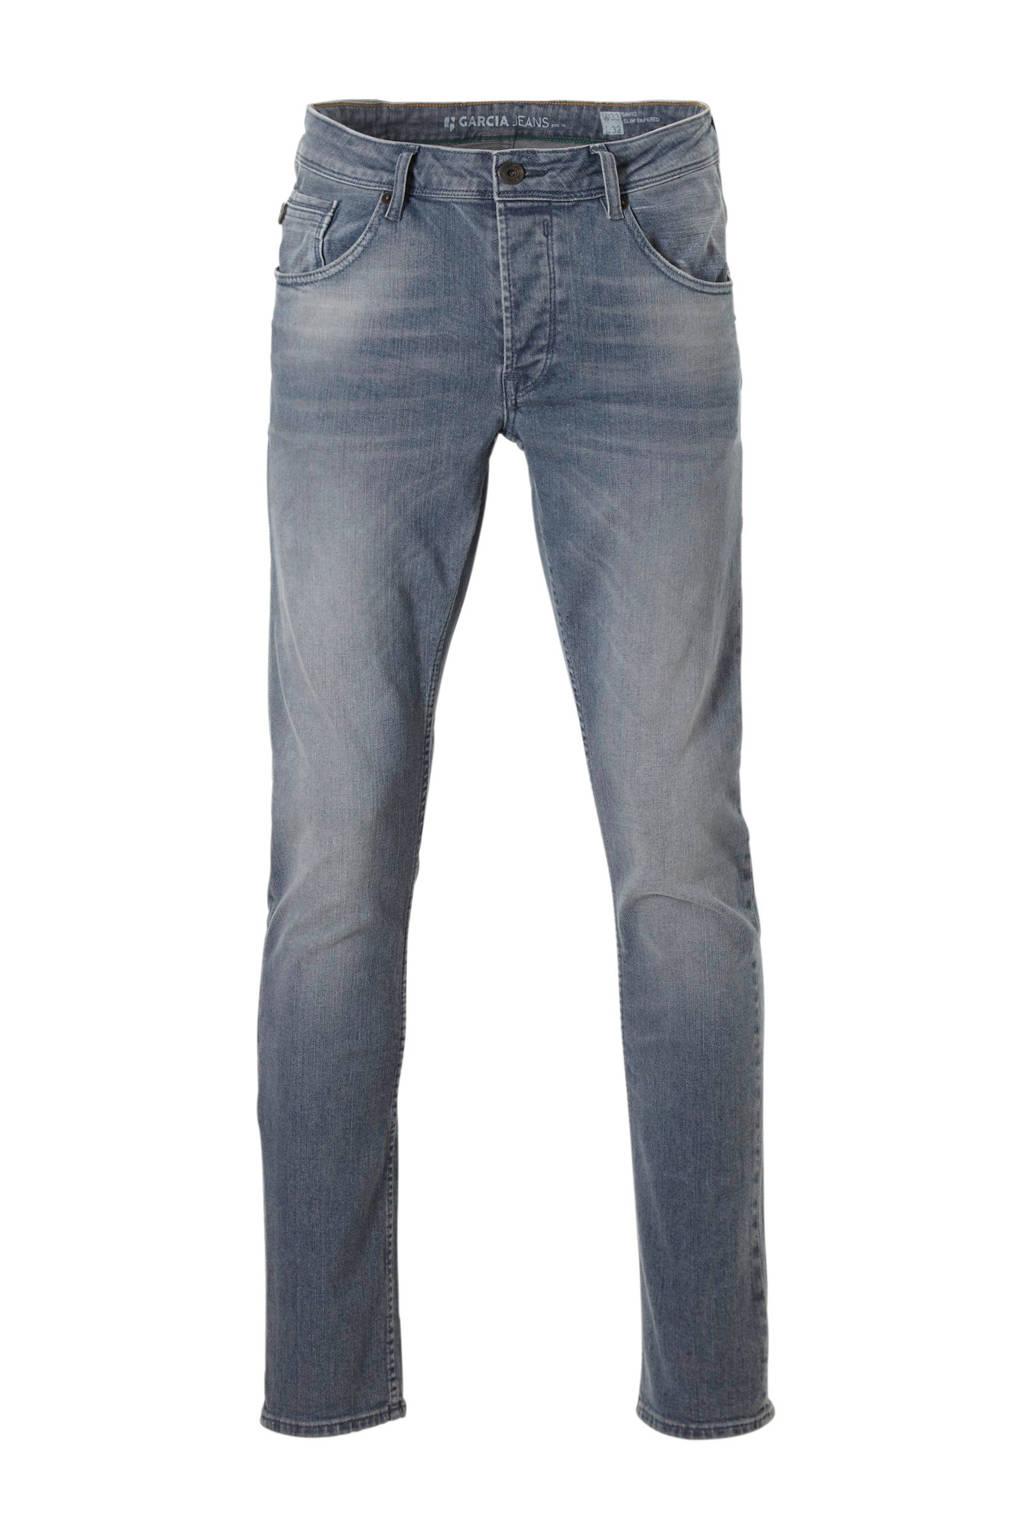 Garcia  slim slim fit jeans, Lichtblauw